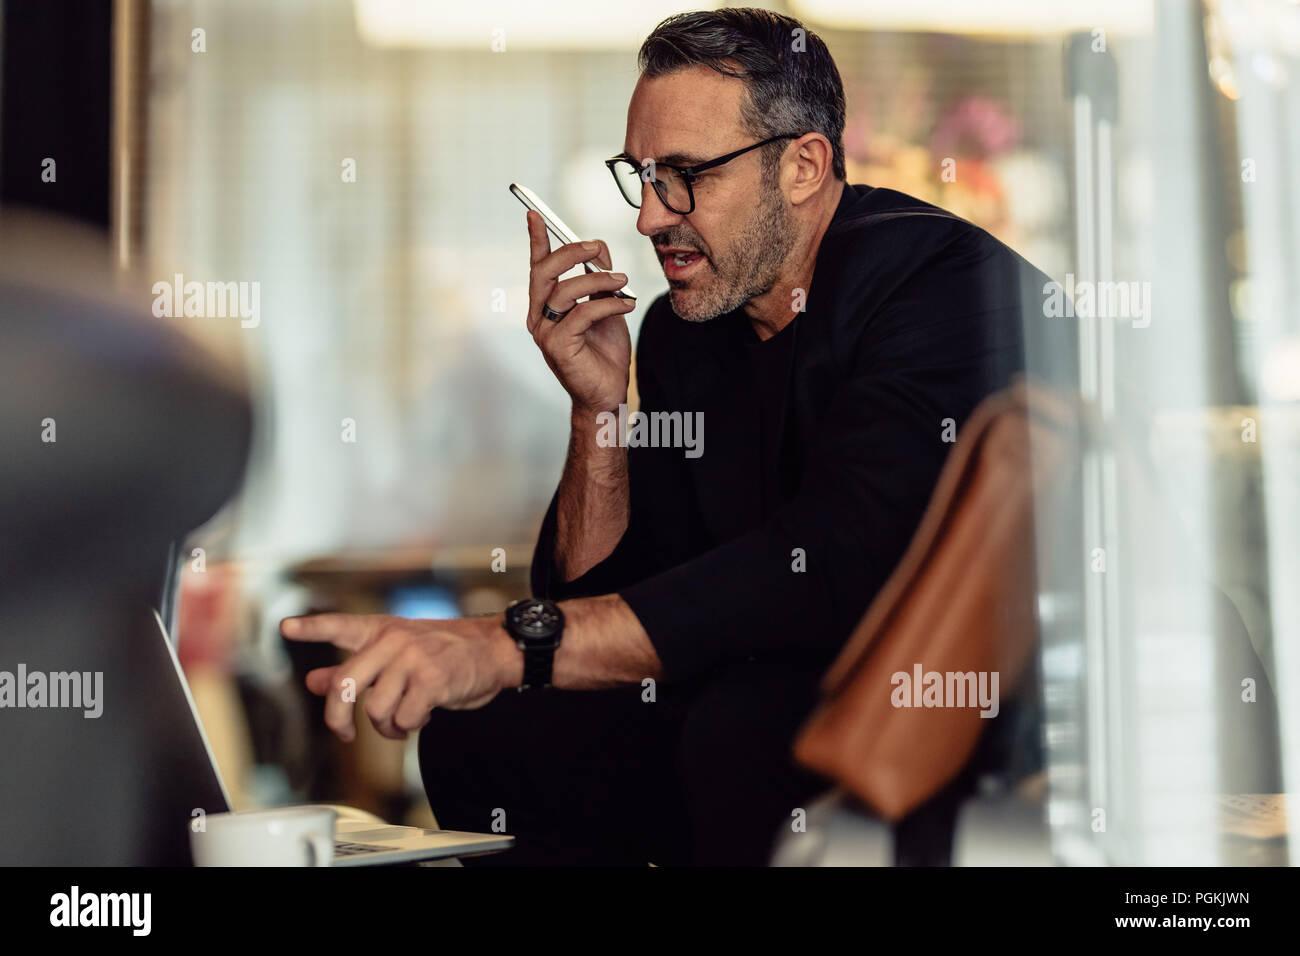 Reifen Geschäftsmann am Telefon sprechen und Laptop. CEO arbeiten, während im Hotel Foyer sitzen. Stockbild